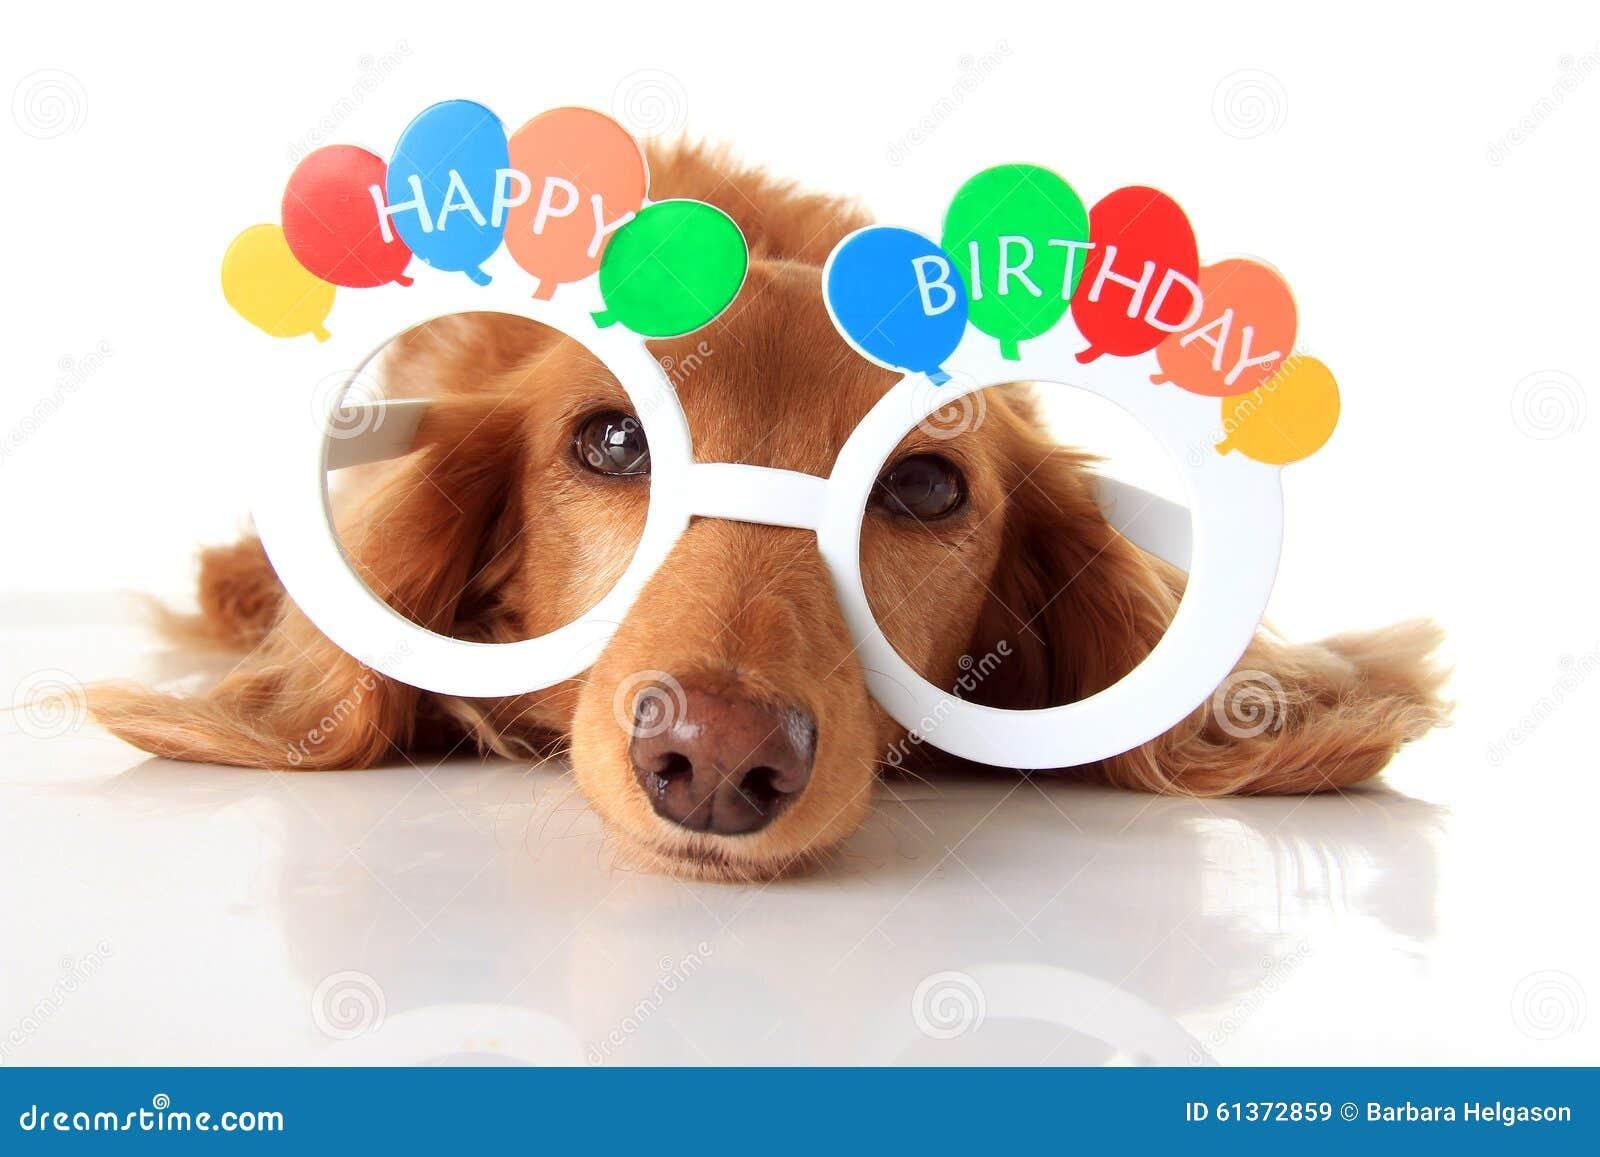 Cane Di Buon Compleanno Immagine Stock Immagine Di Accessorio